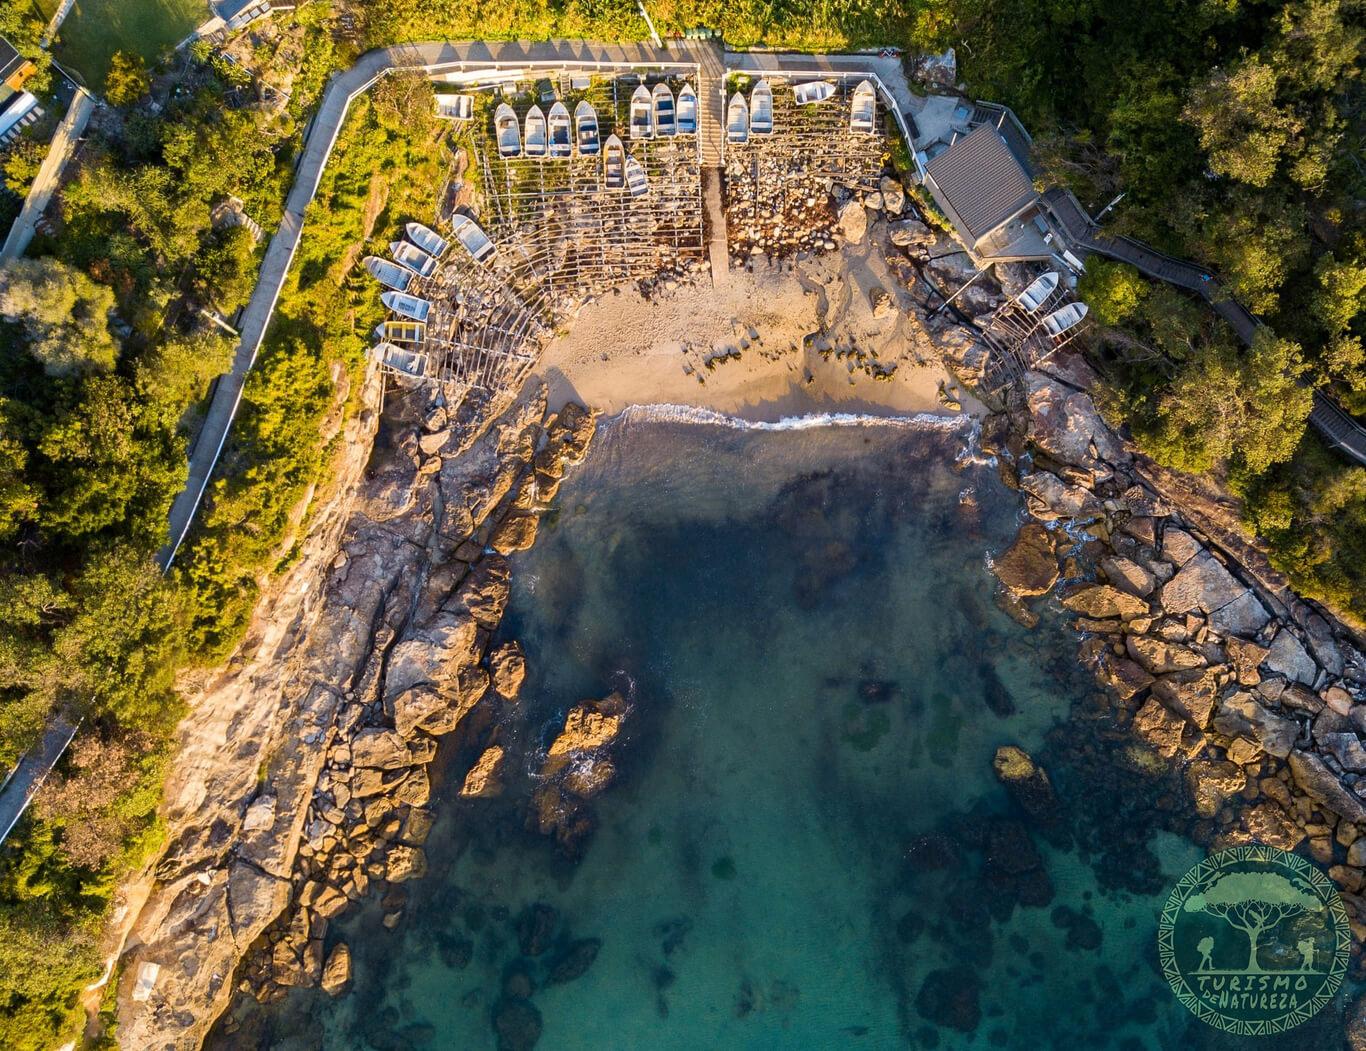 A encantadora Gordon's Bay. Um lugar tranquilo e relaxante.